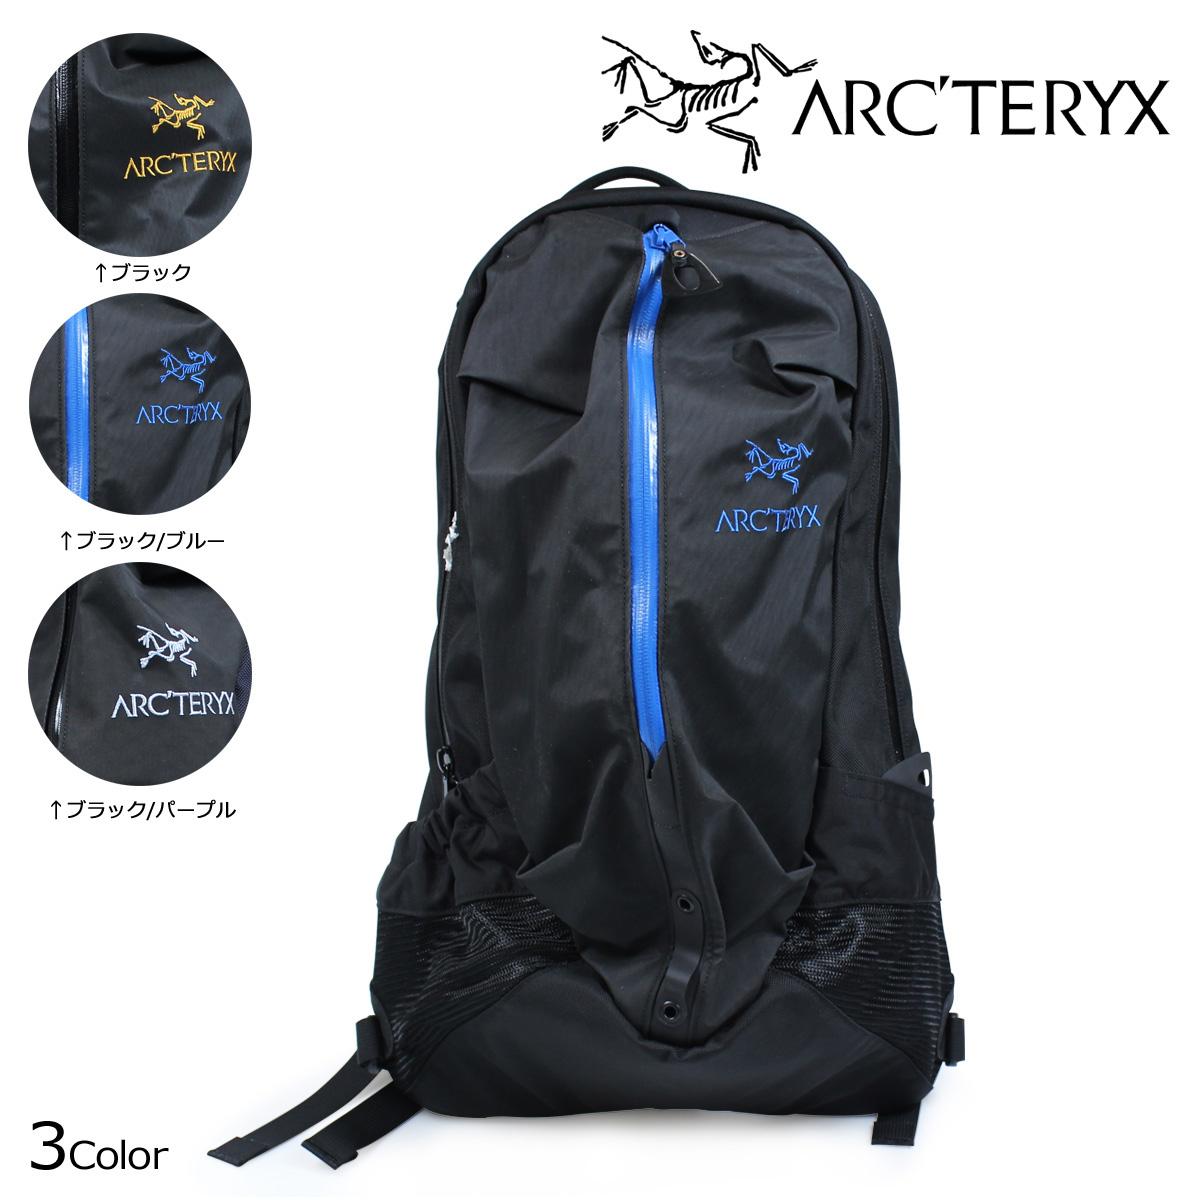 満点の ARC'TERYX ARC'TERYX 6029 アークテリクス リュック アロー22 バックパック 22L メンズ 6029 ARRO 22 BACKPACK メンズ, 織田幸銅器:39ce6420 --- canoncity.azurewebsites.net